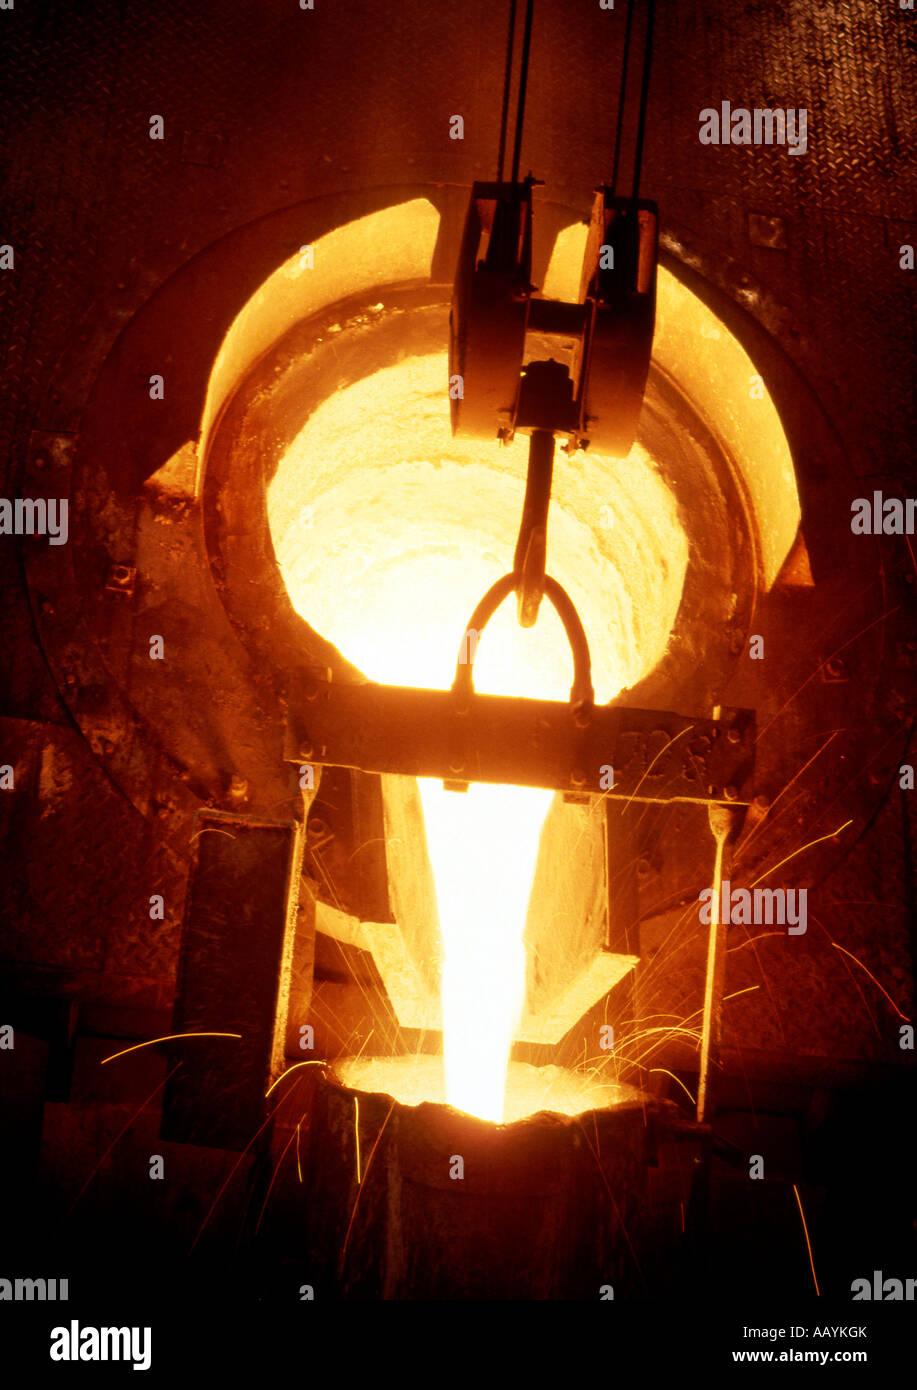 Fundición de hierro y acero Industria de la fábrica de producción de aprovechamiento de la fundición Imagen De Stock